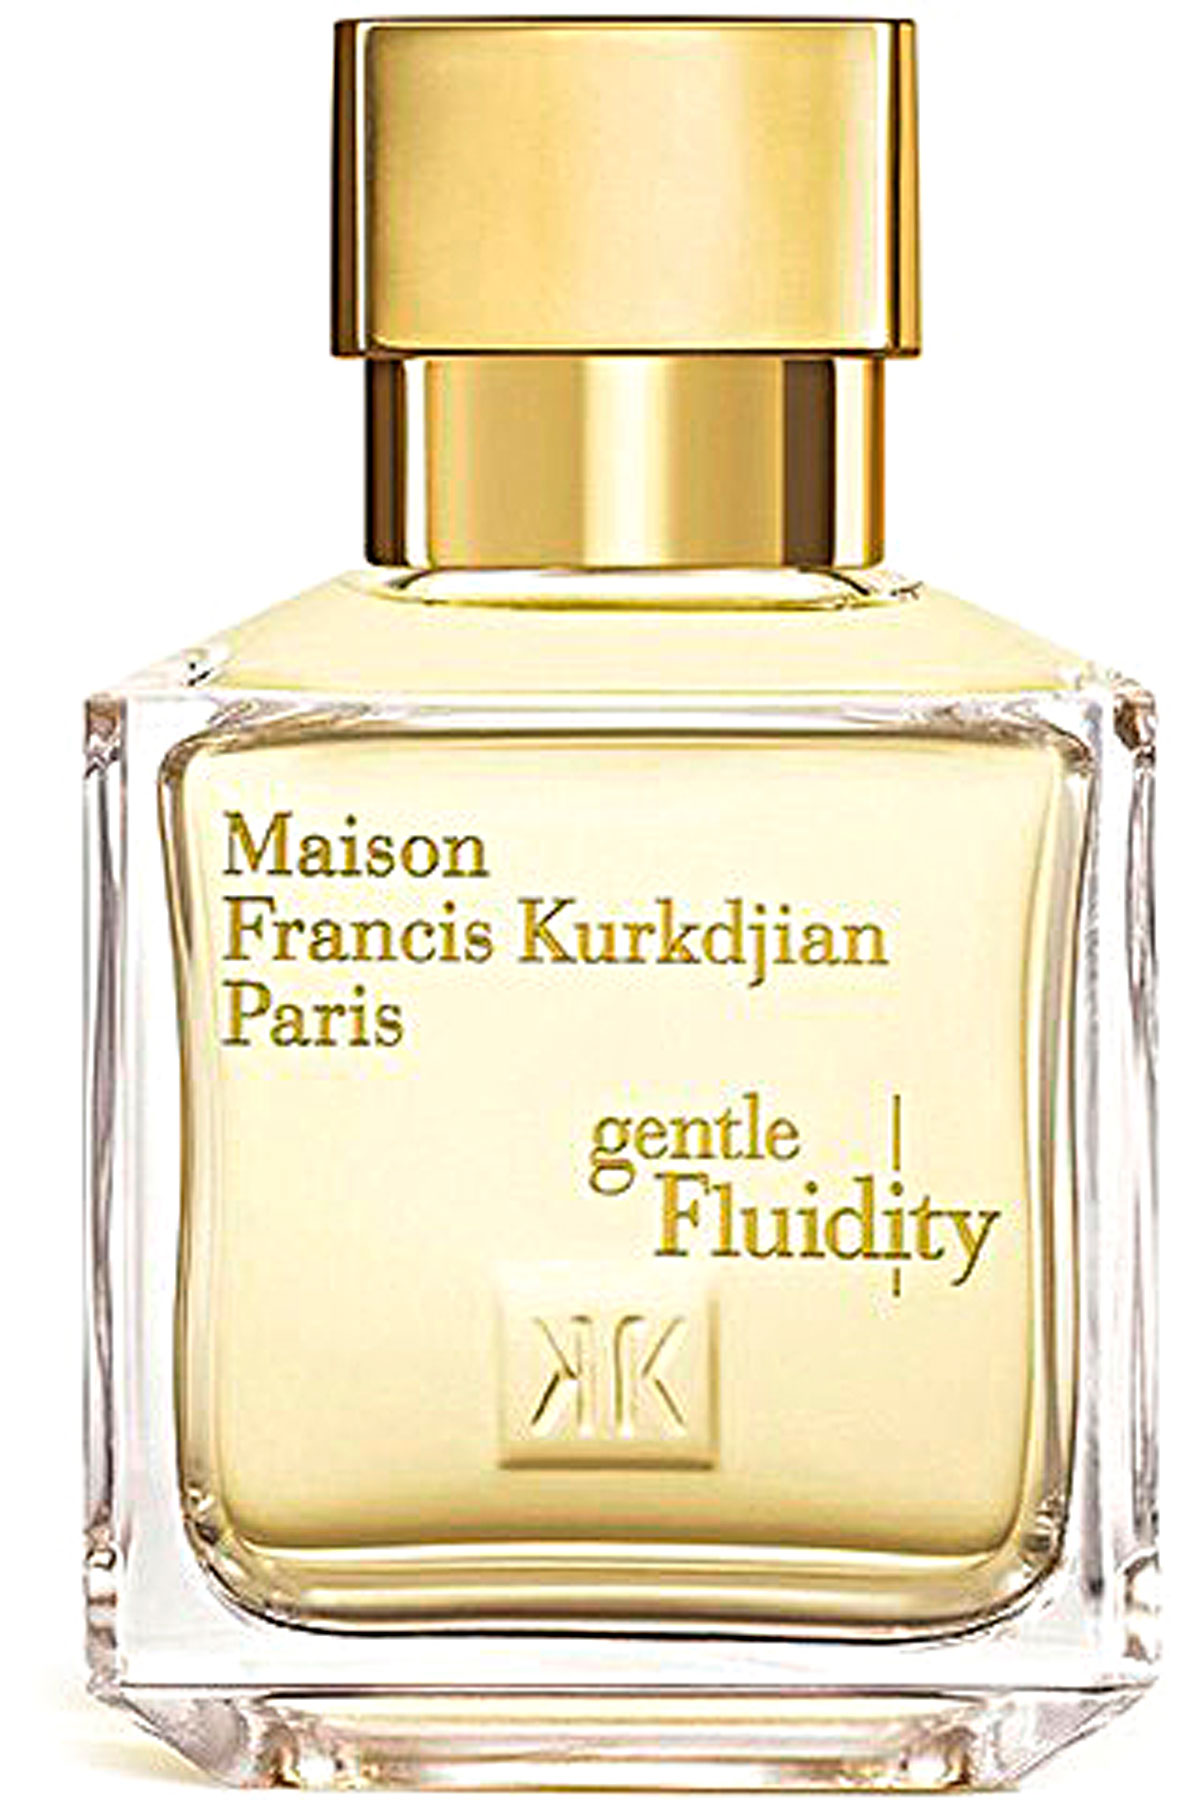 Gentle Fluidity Gold Edition Eau De Parfum 70 Ml Mens Fragrances